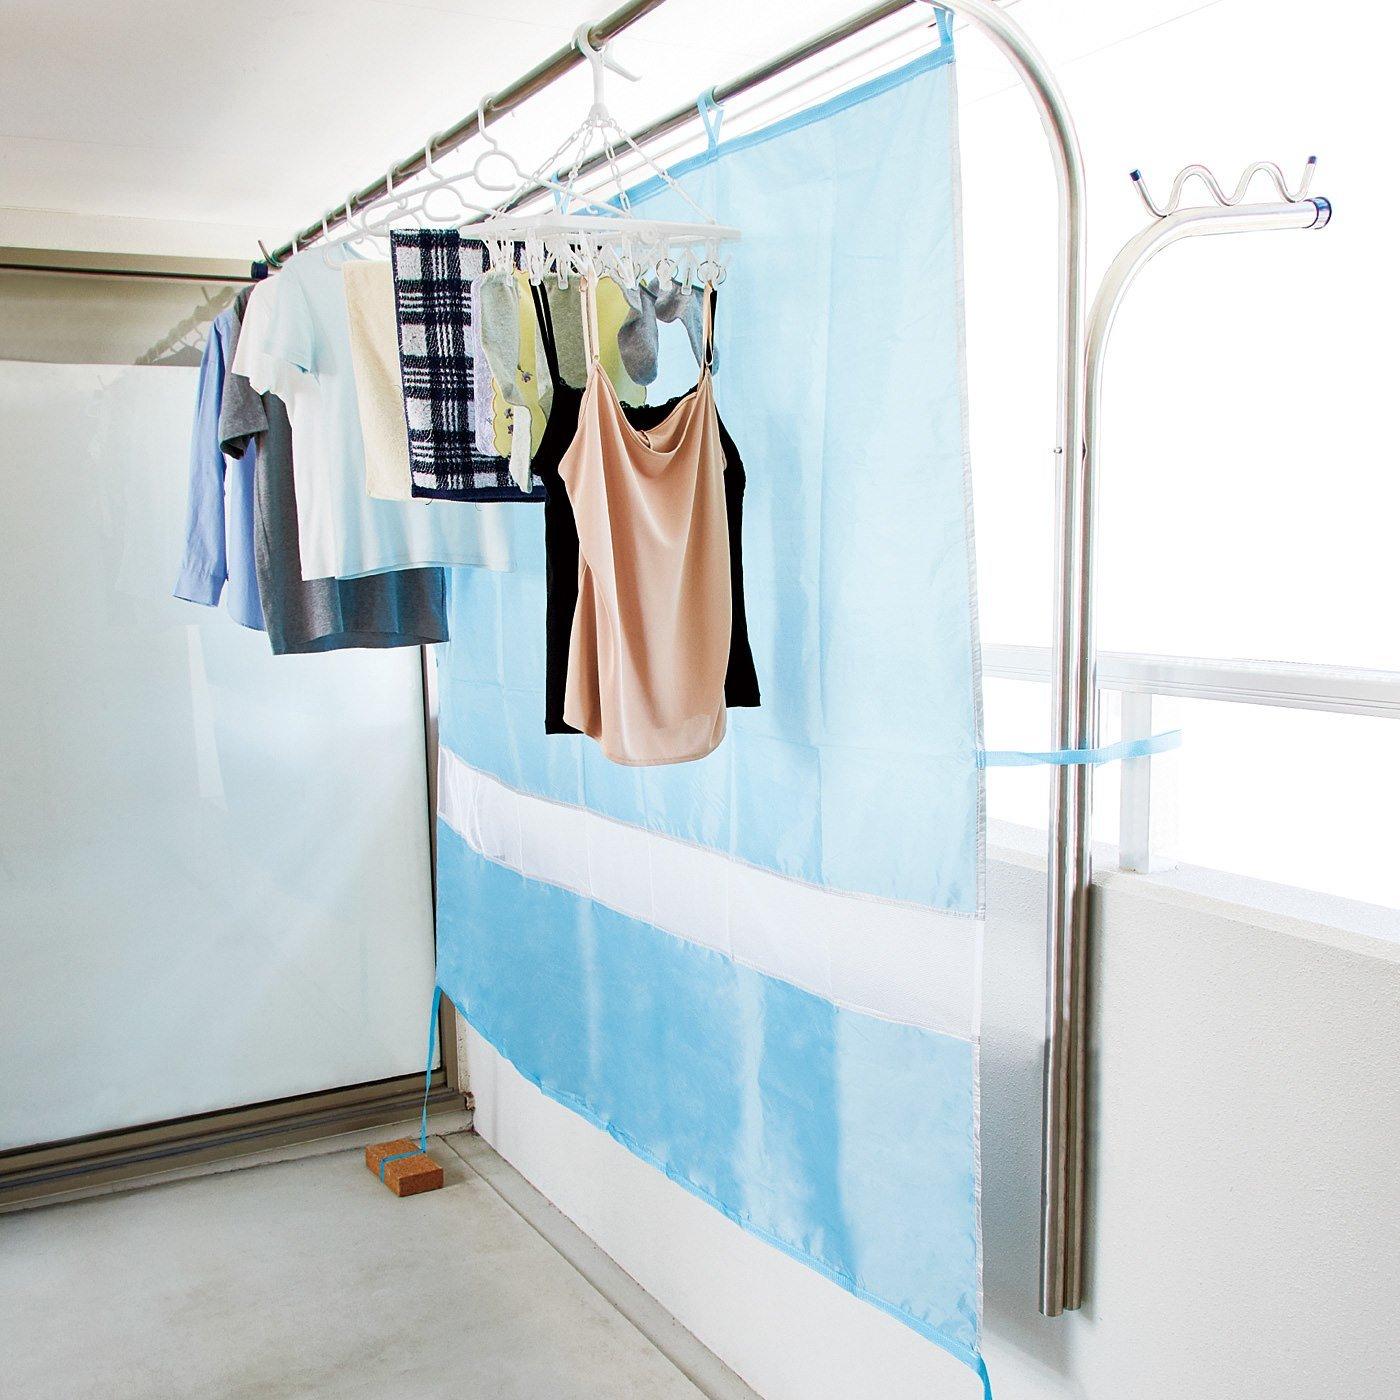 雨と日差しから守る! たっぷり200cm幅の洗濯物ベランダカーテン